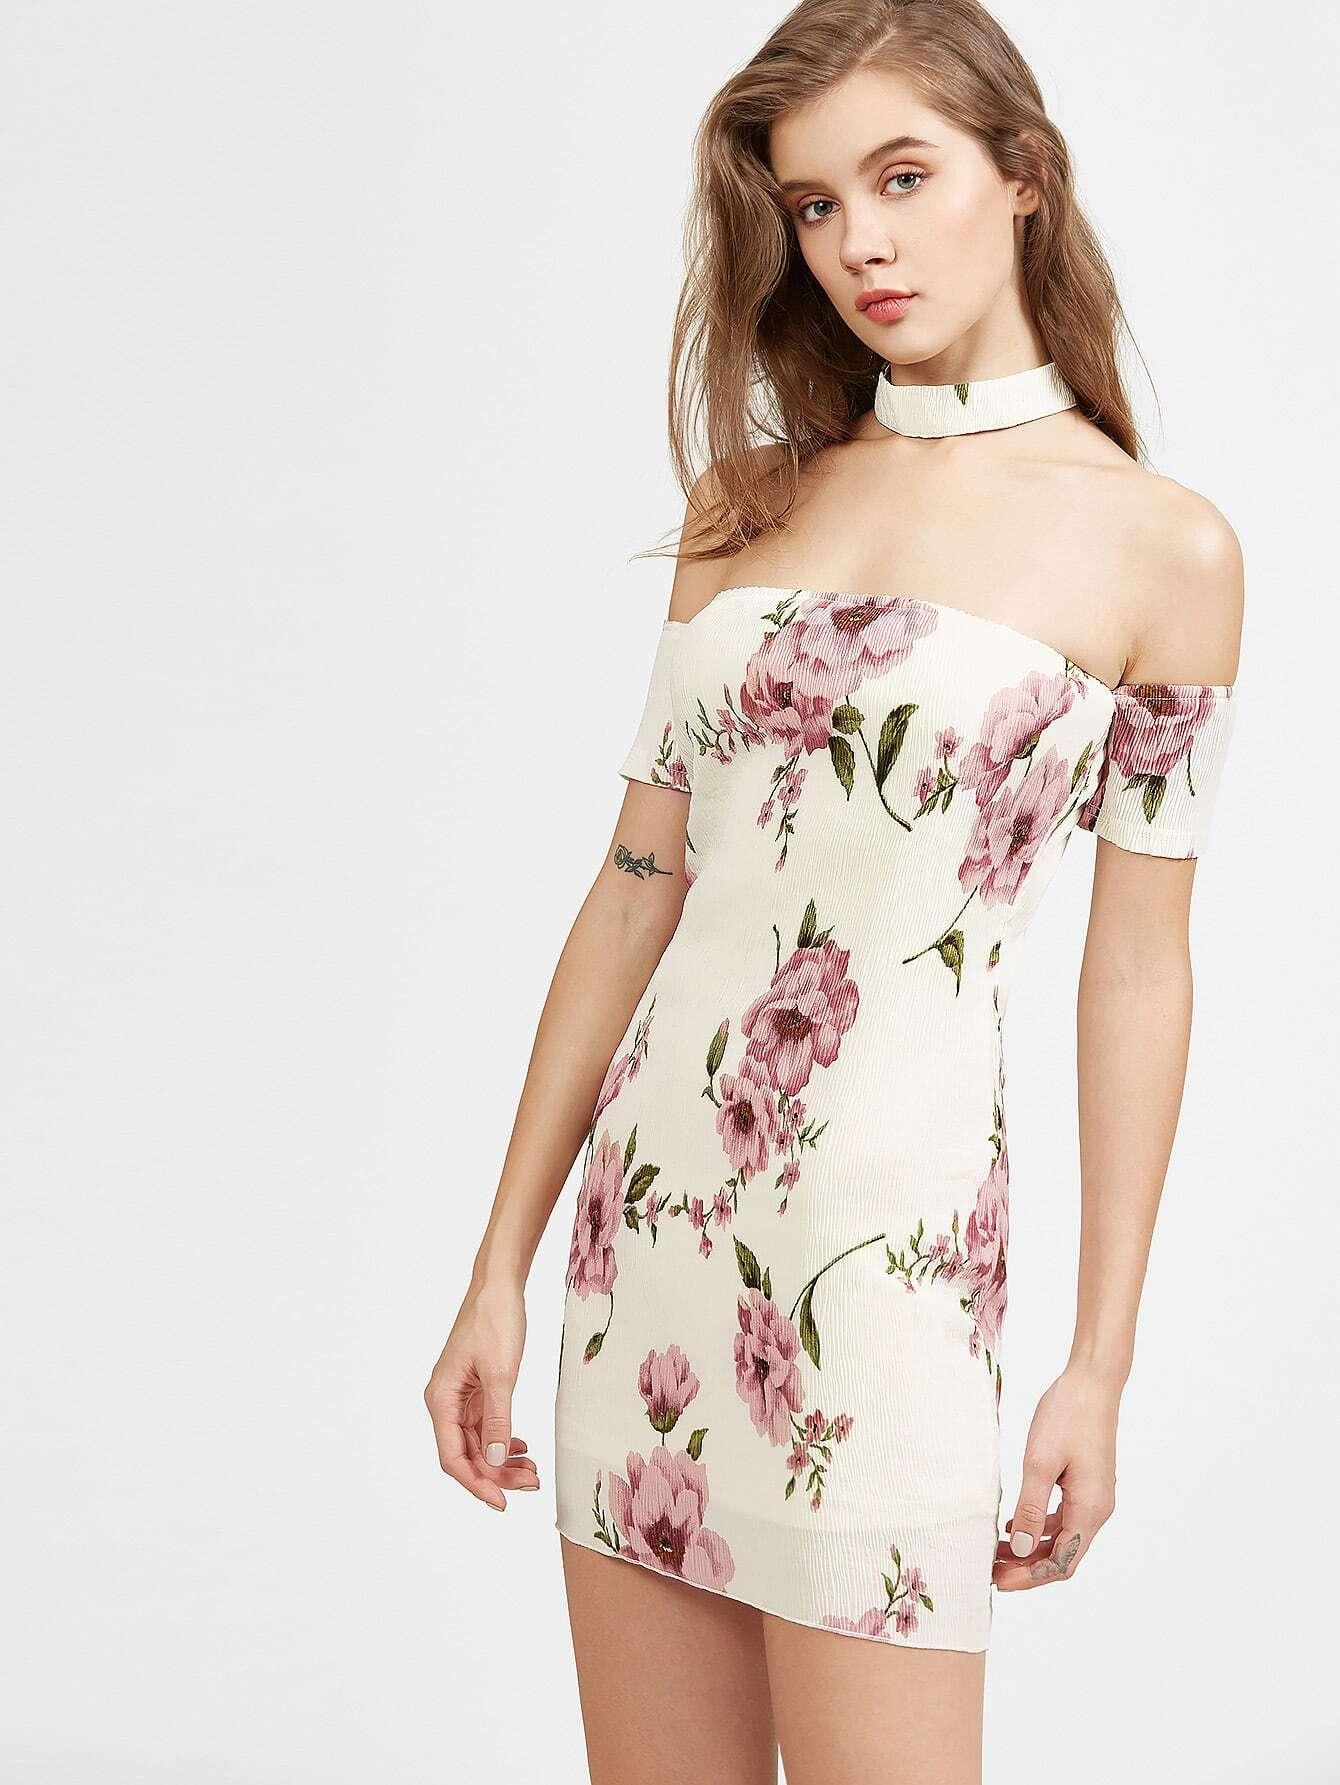 dress170120445_3